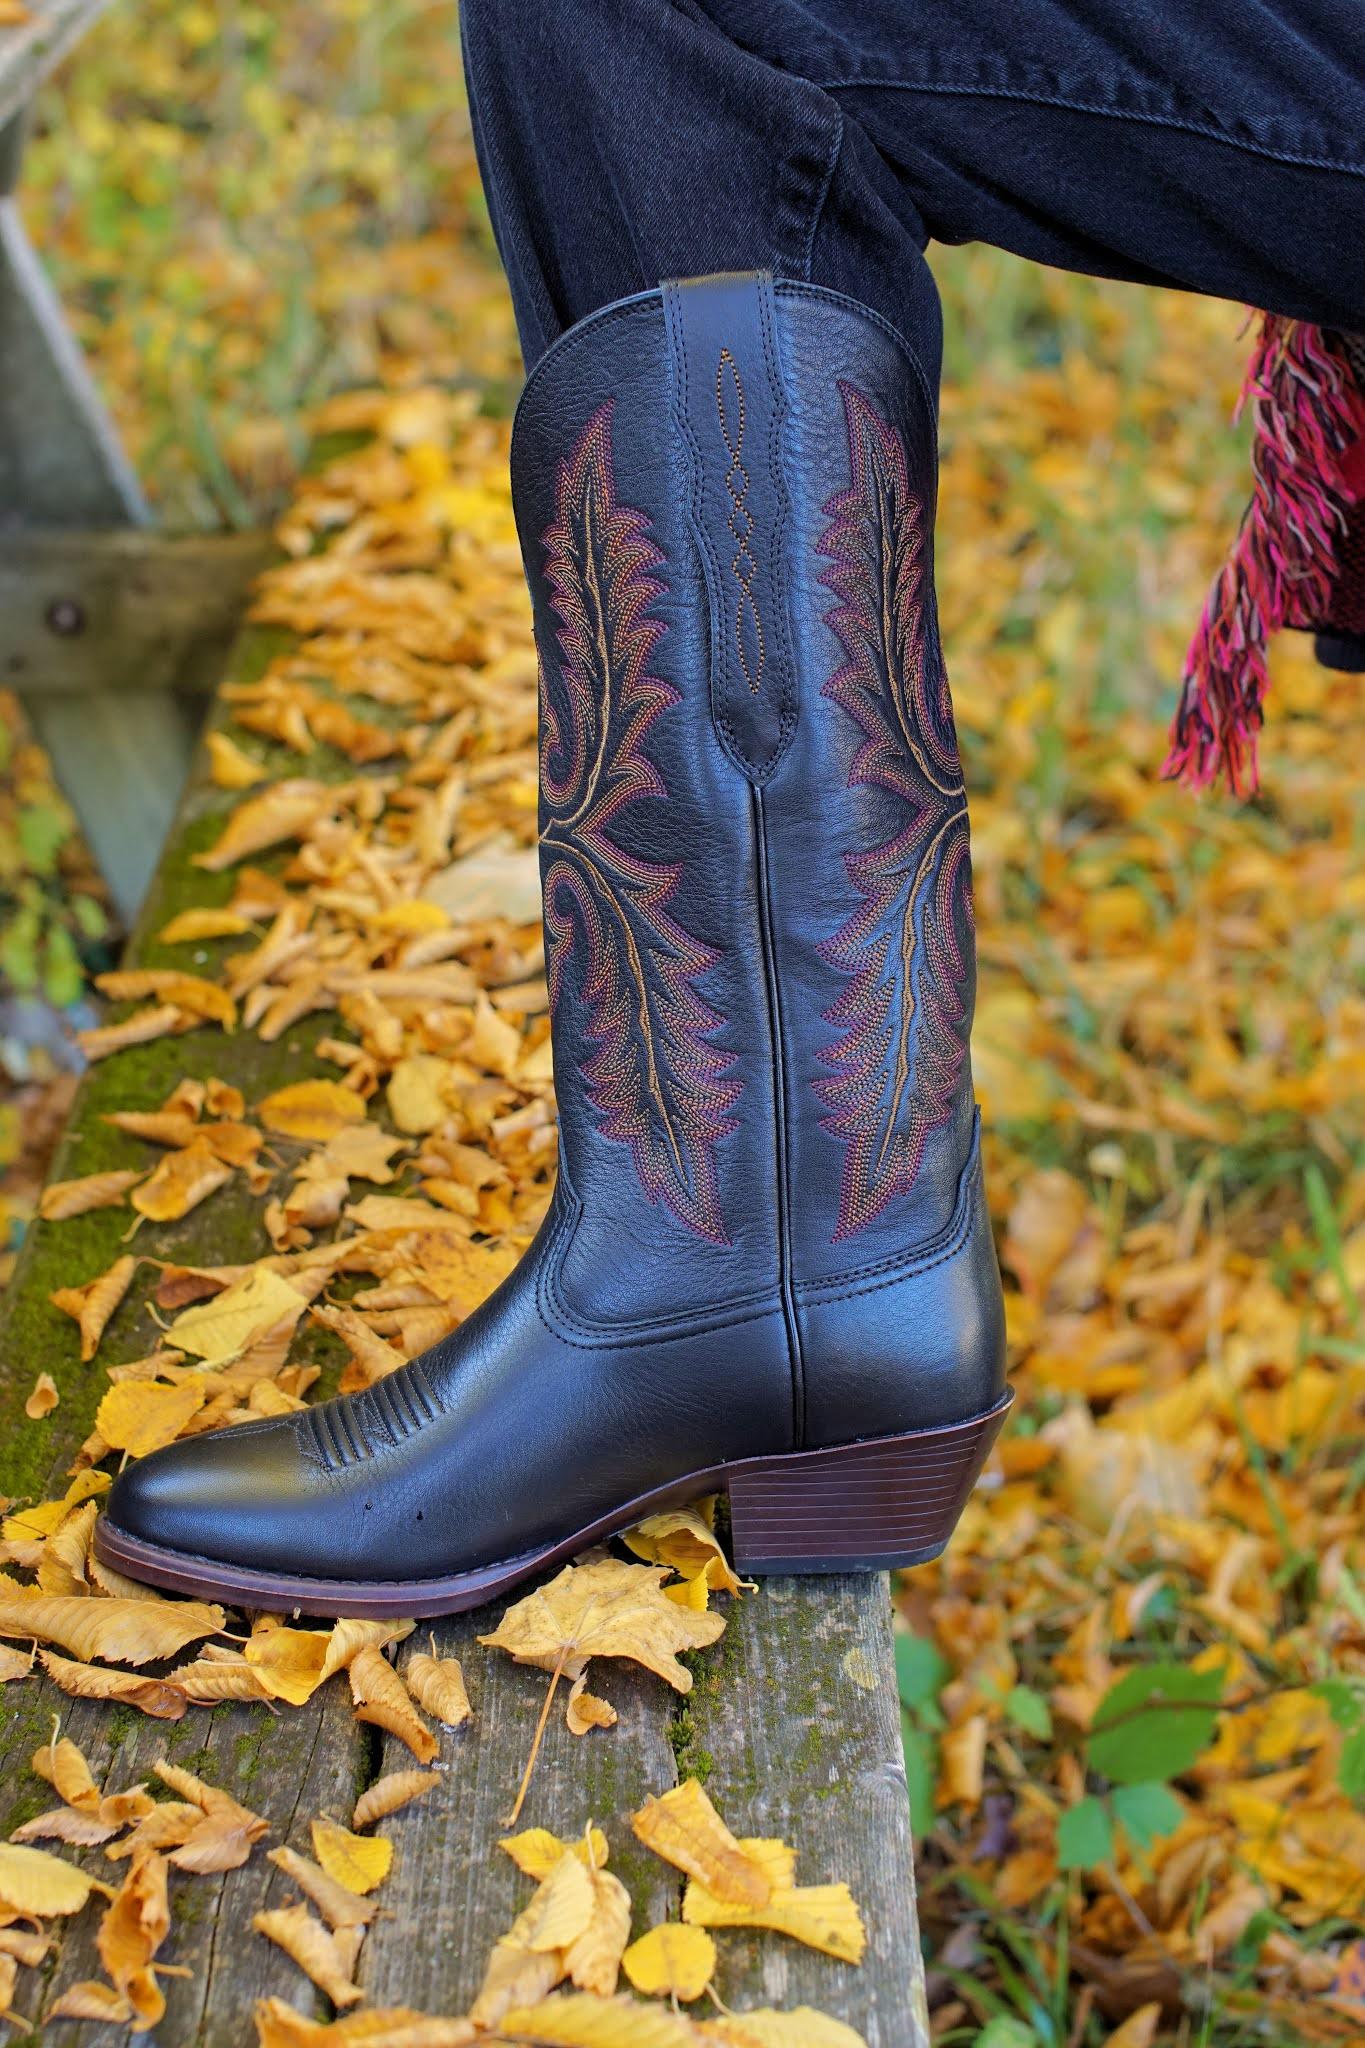 Ariat Elastic calf western boots